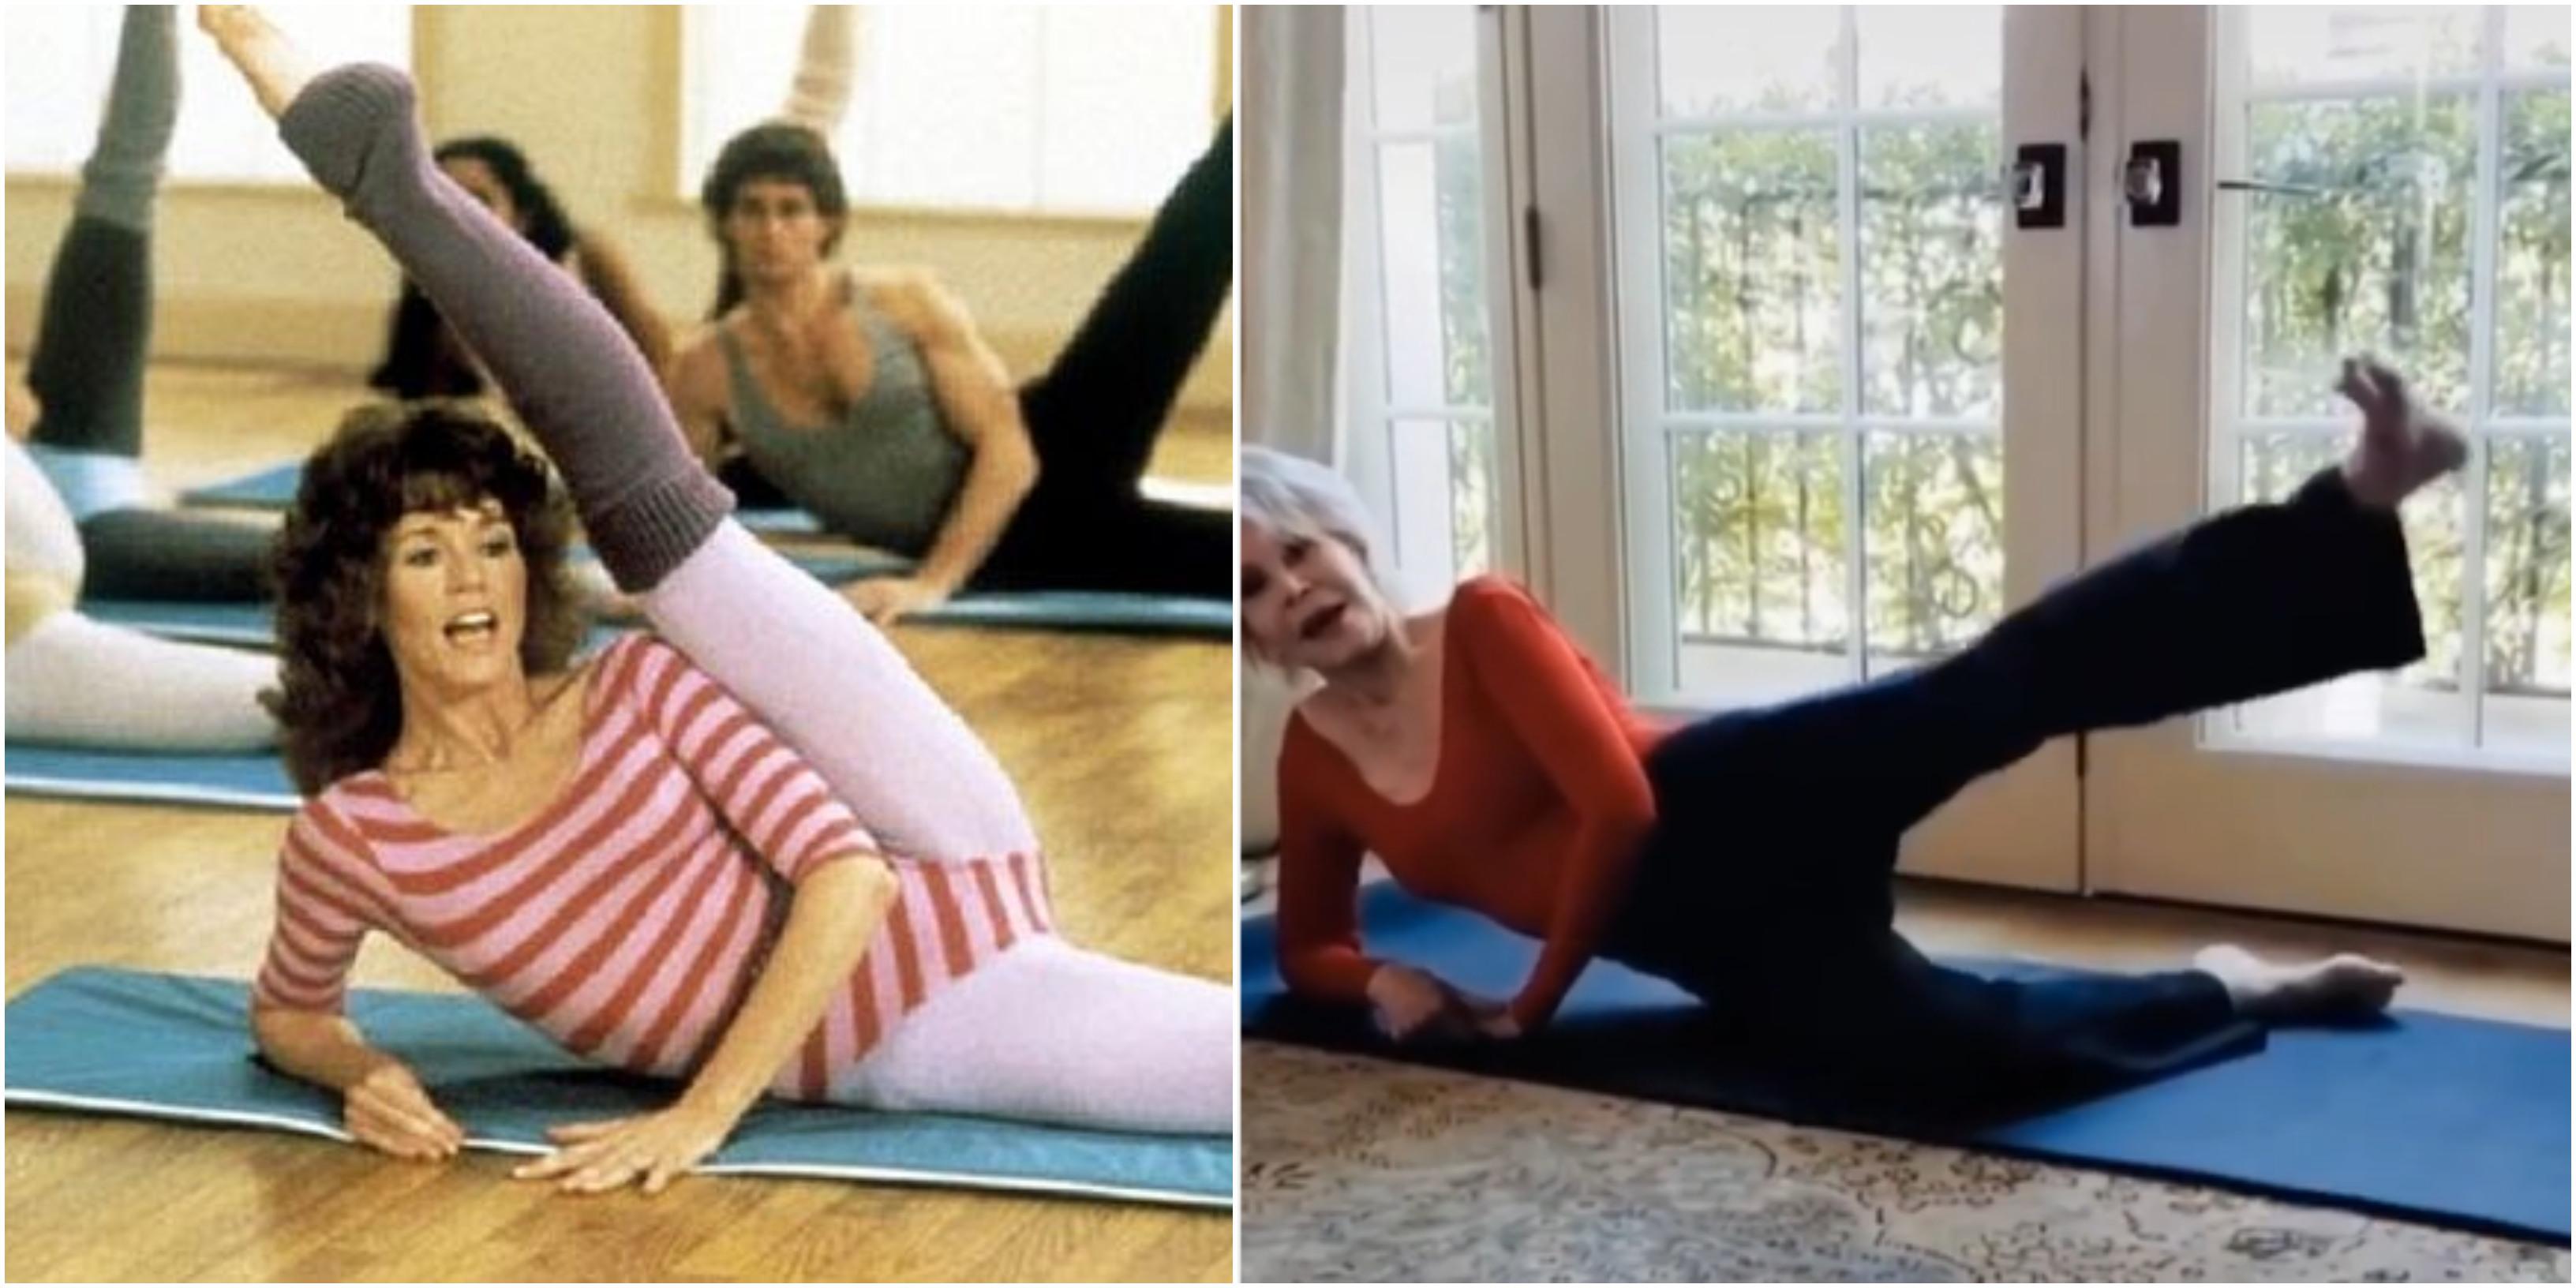 Jane Fonda come negli anni '80 rifà un video dei suoi celebri 'workout'